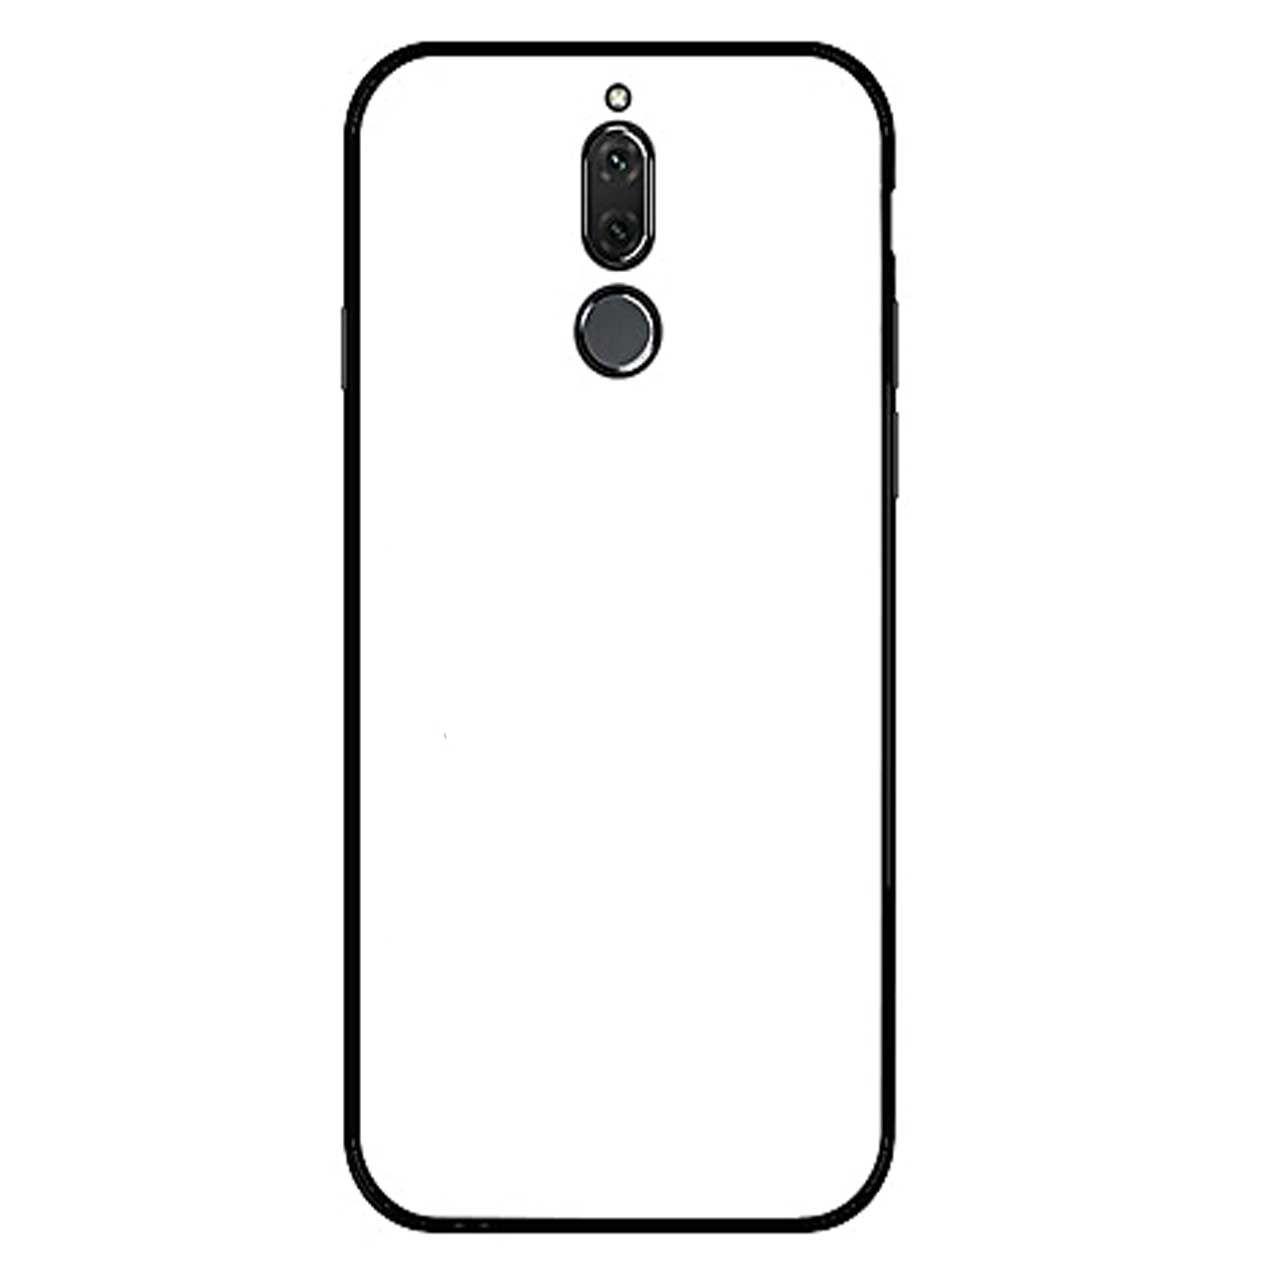 کاور کینگ کونگ مدل PG01 مناسب برای گوشی موبایل هوآوی Mate 10 Lite